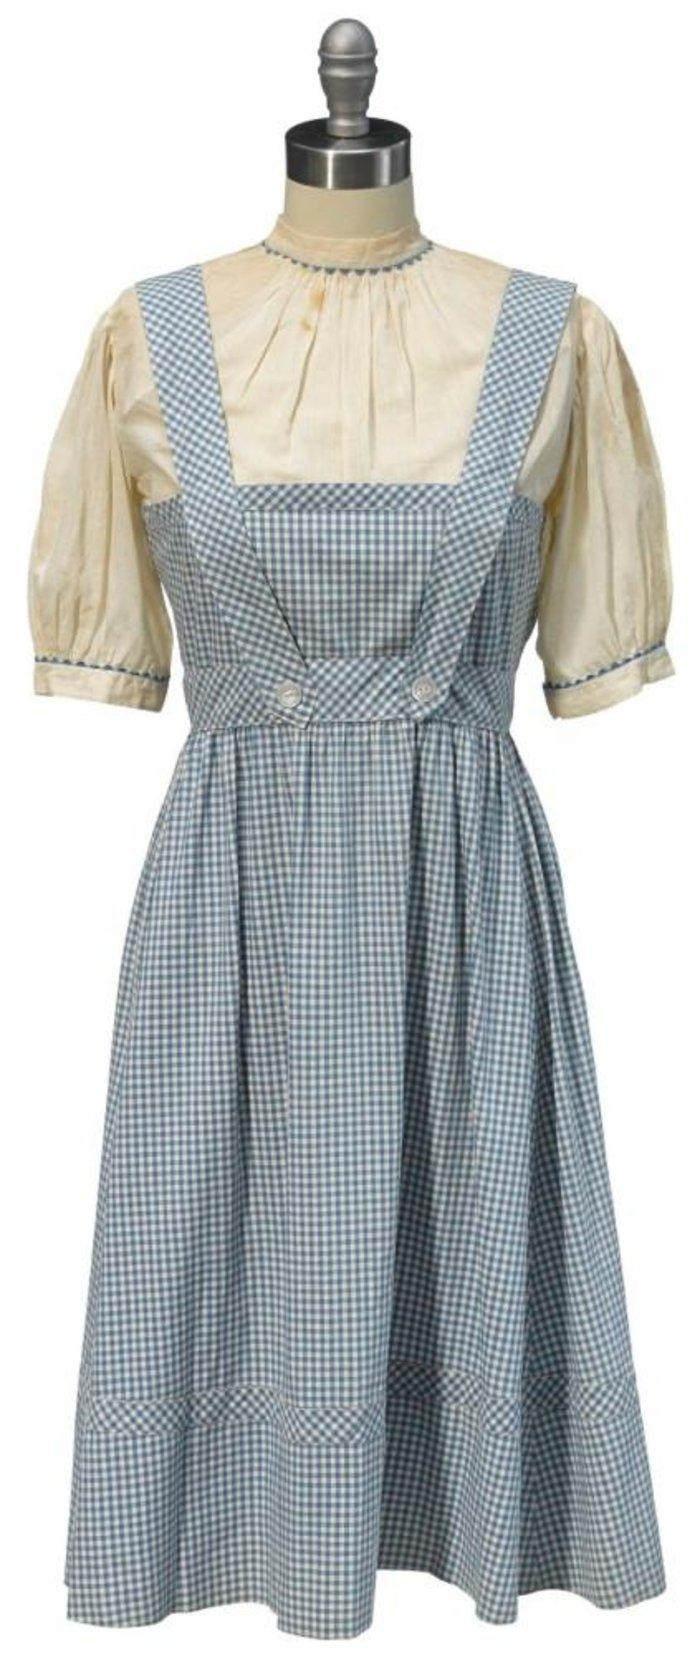 Αστρονομικό ποσό για το φόρεμα που φορούσε η Γκάρλαντ στον Μάγο του Οζ